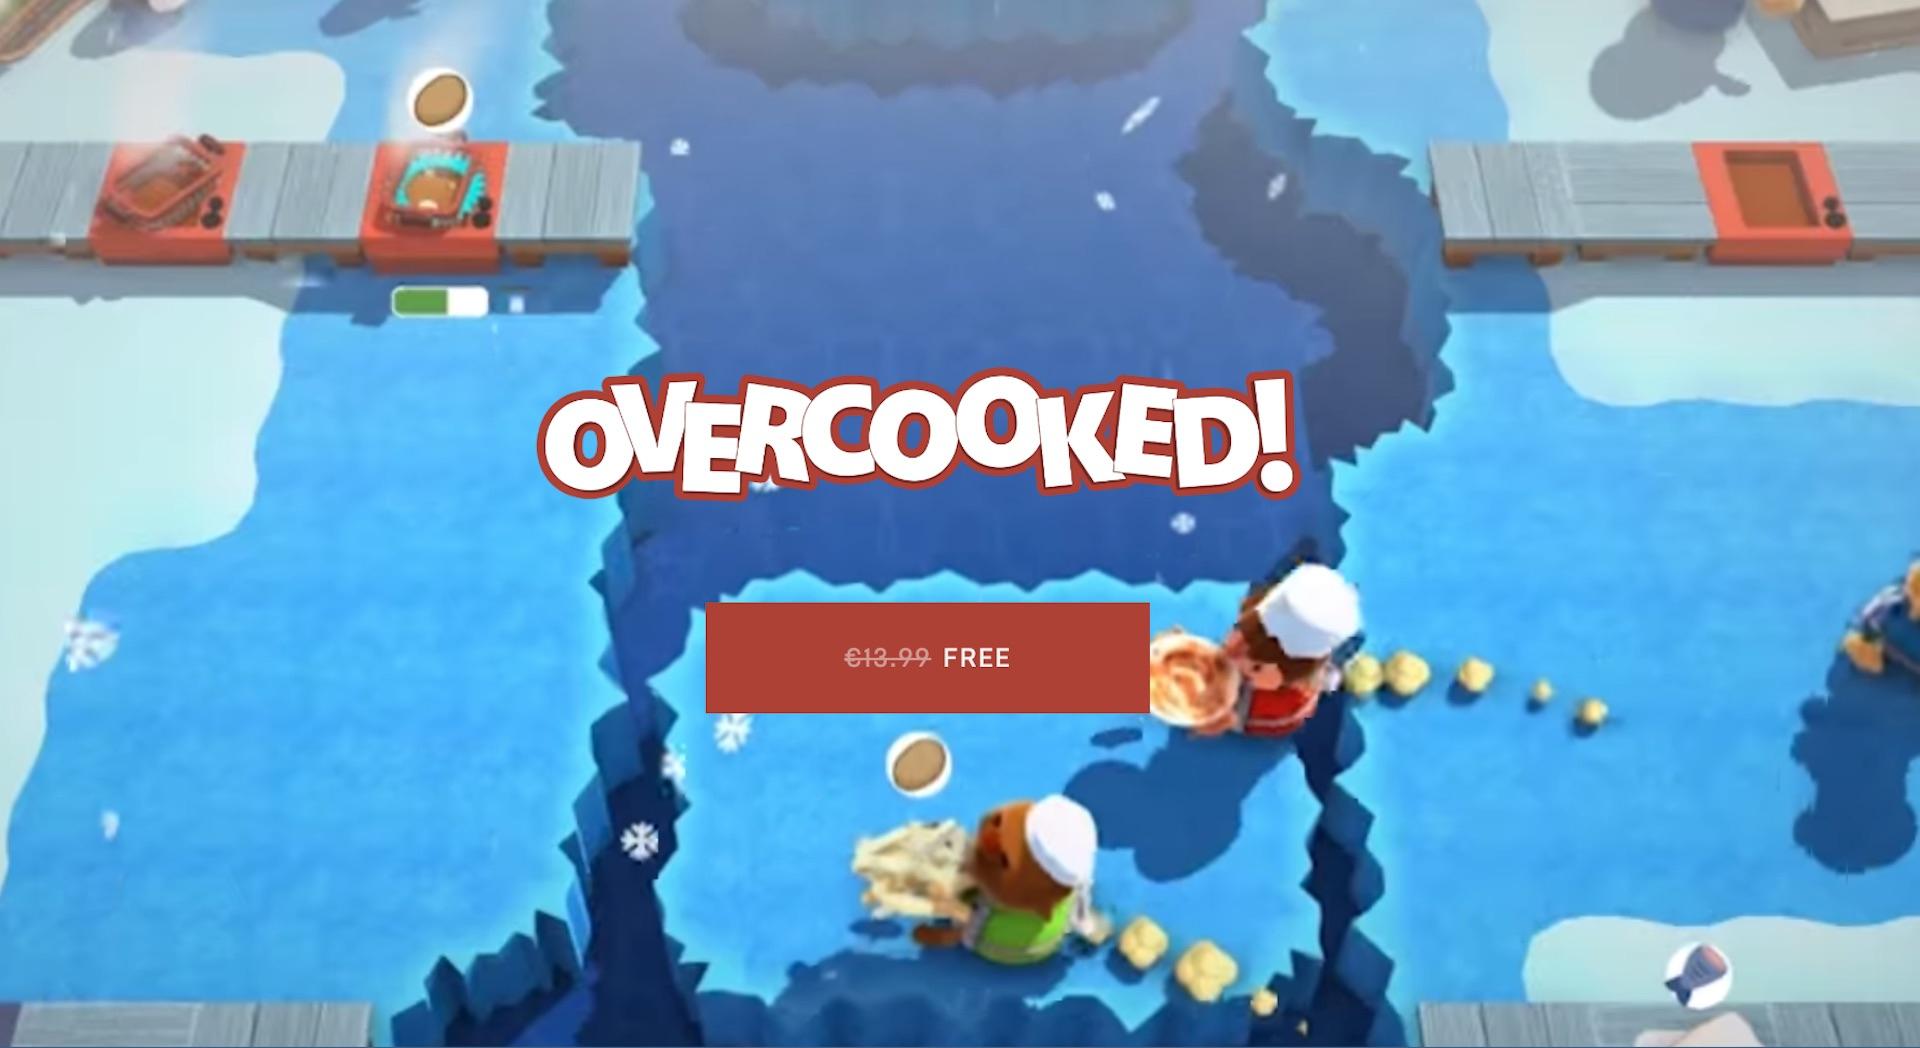 Overcooked Est Temporairement Gratuit : Foncez Télécharger à Jeux Video Gratuit A Telecharger Pour Pc